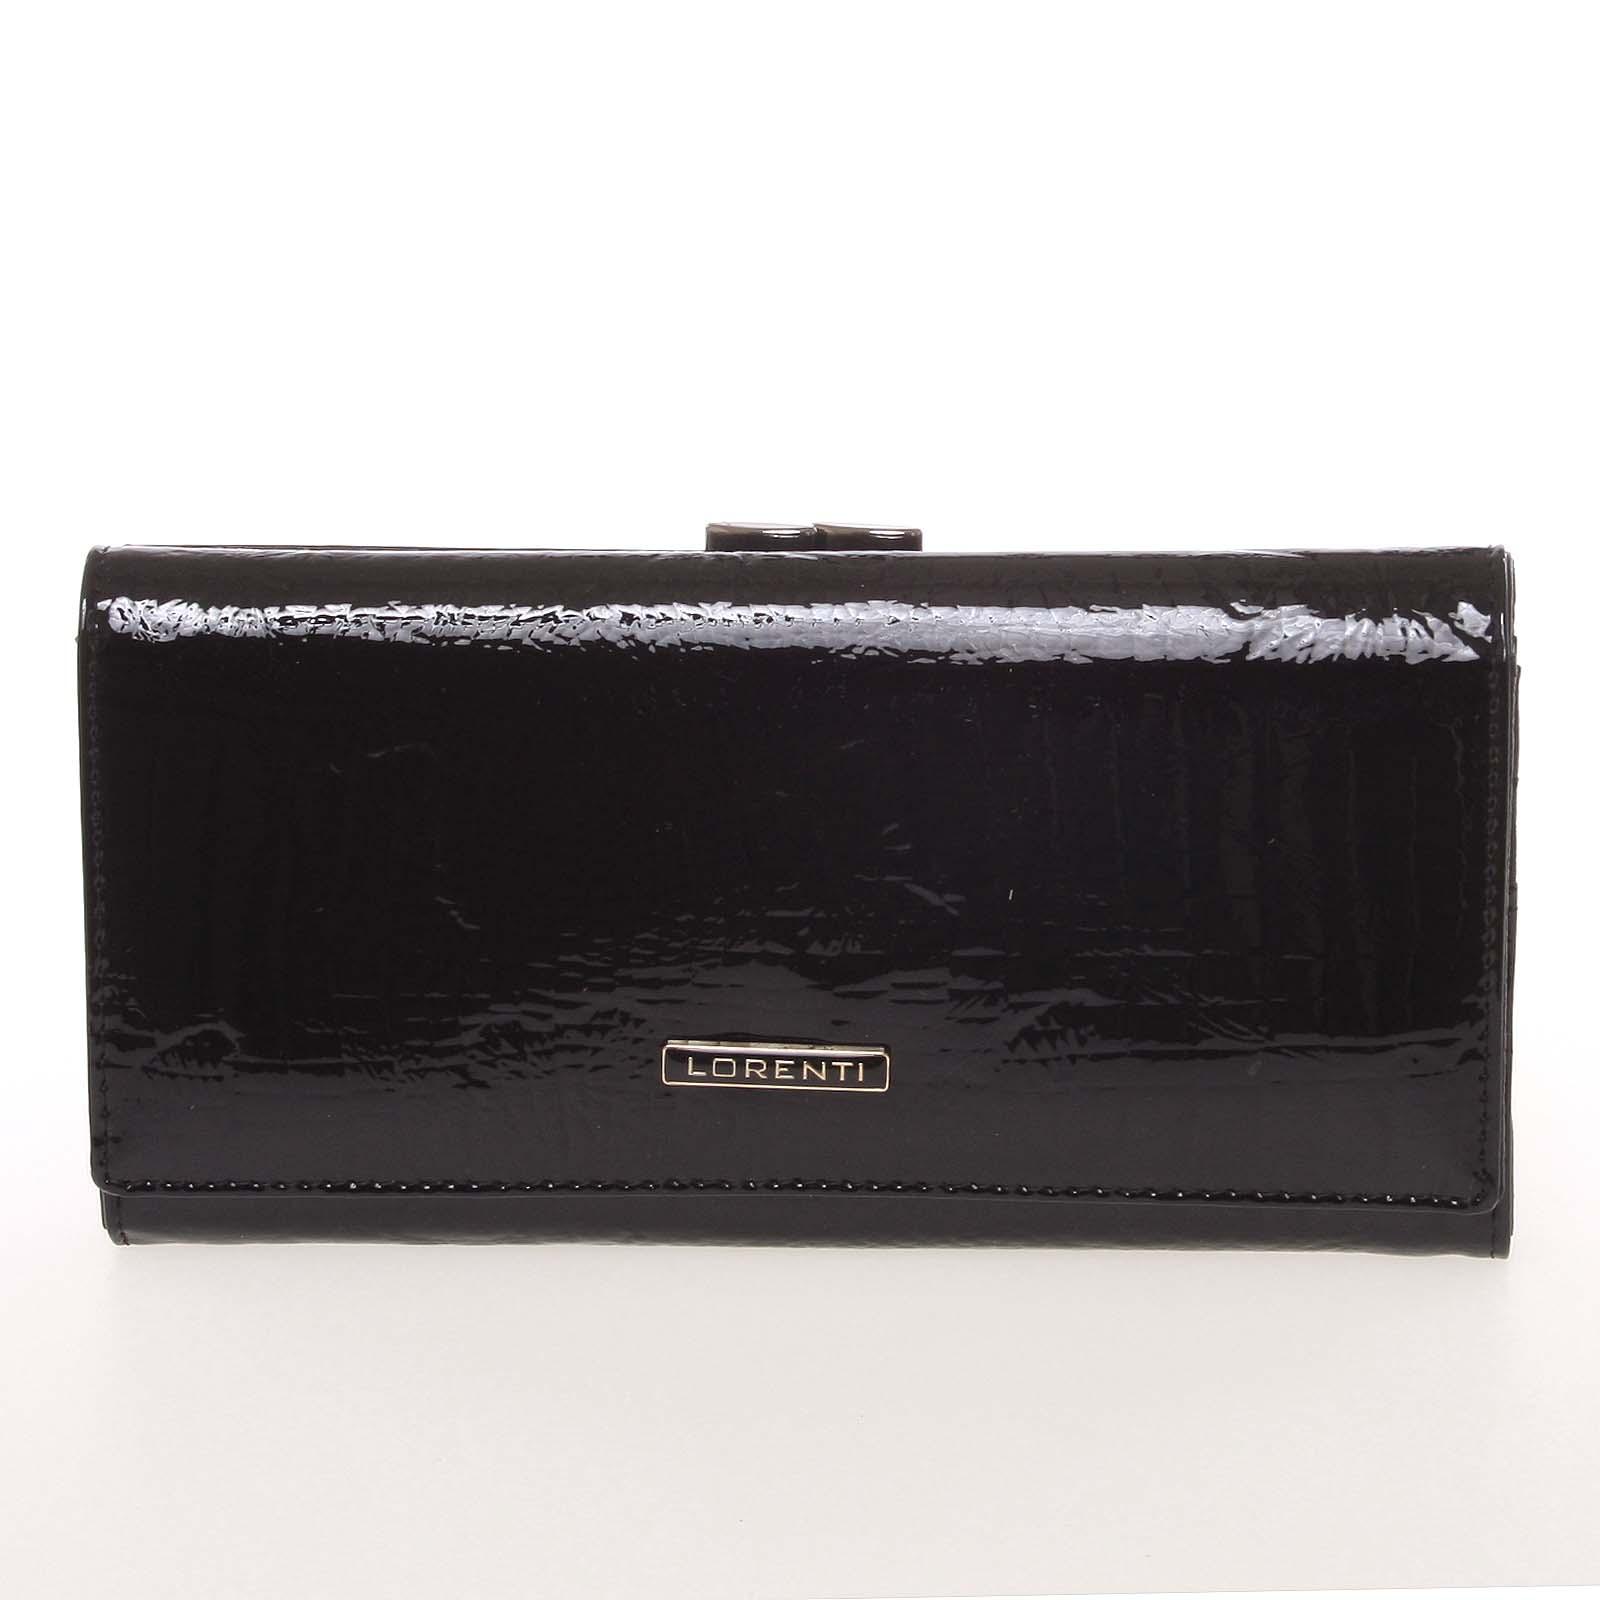 Lakovaná kožená černá peněženka s jemným vzorem - Lorenti 72031RSBF černá